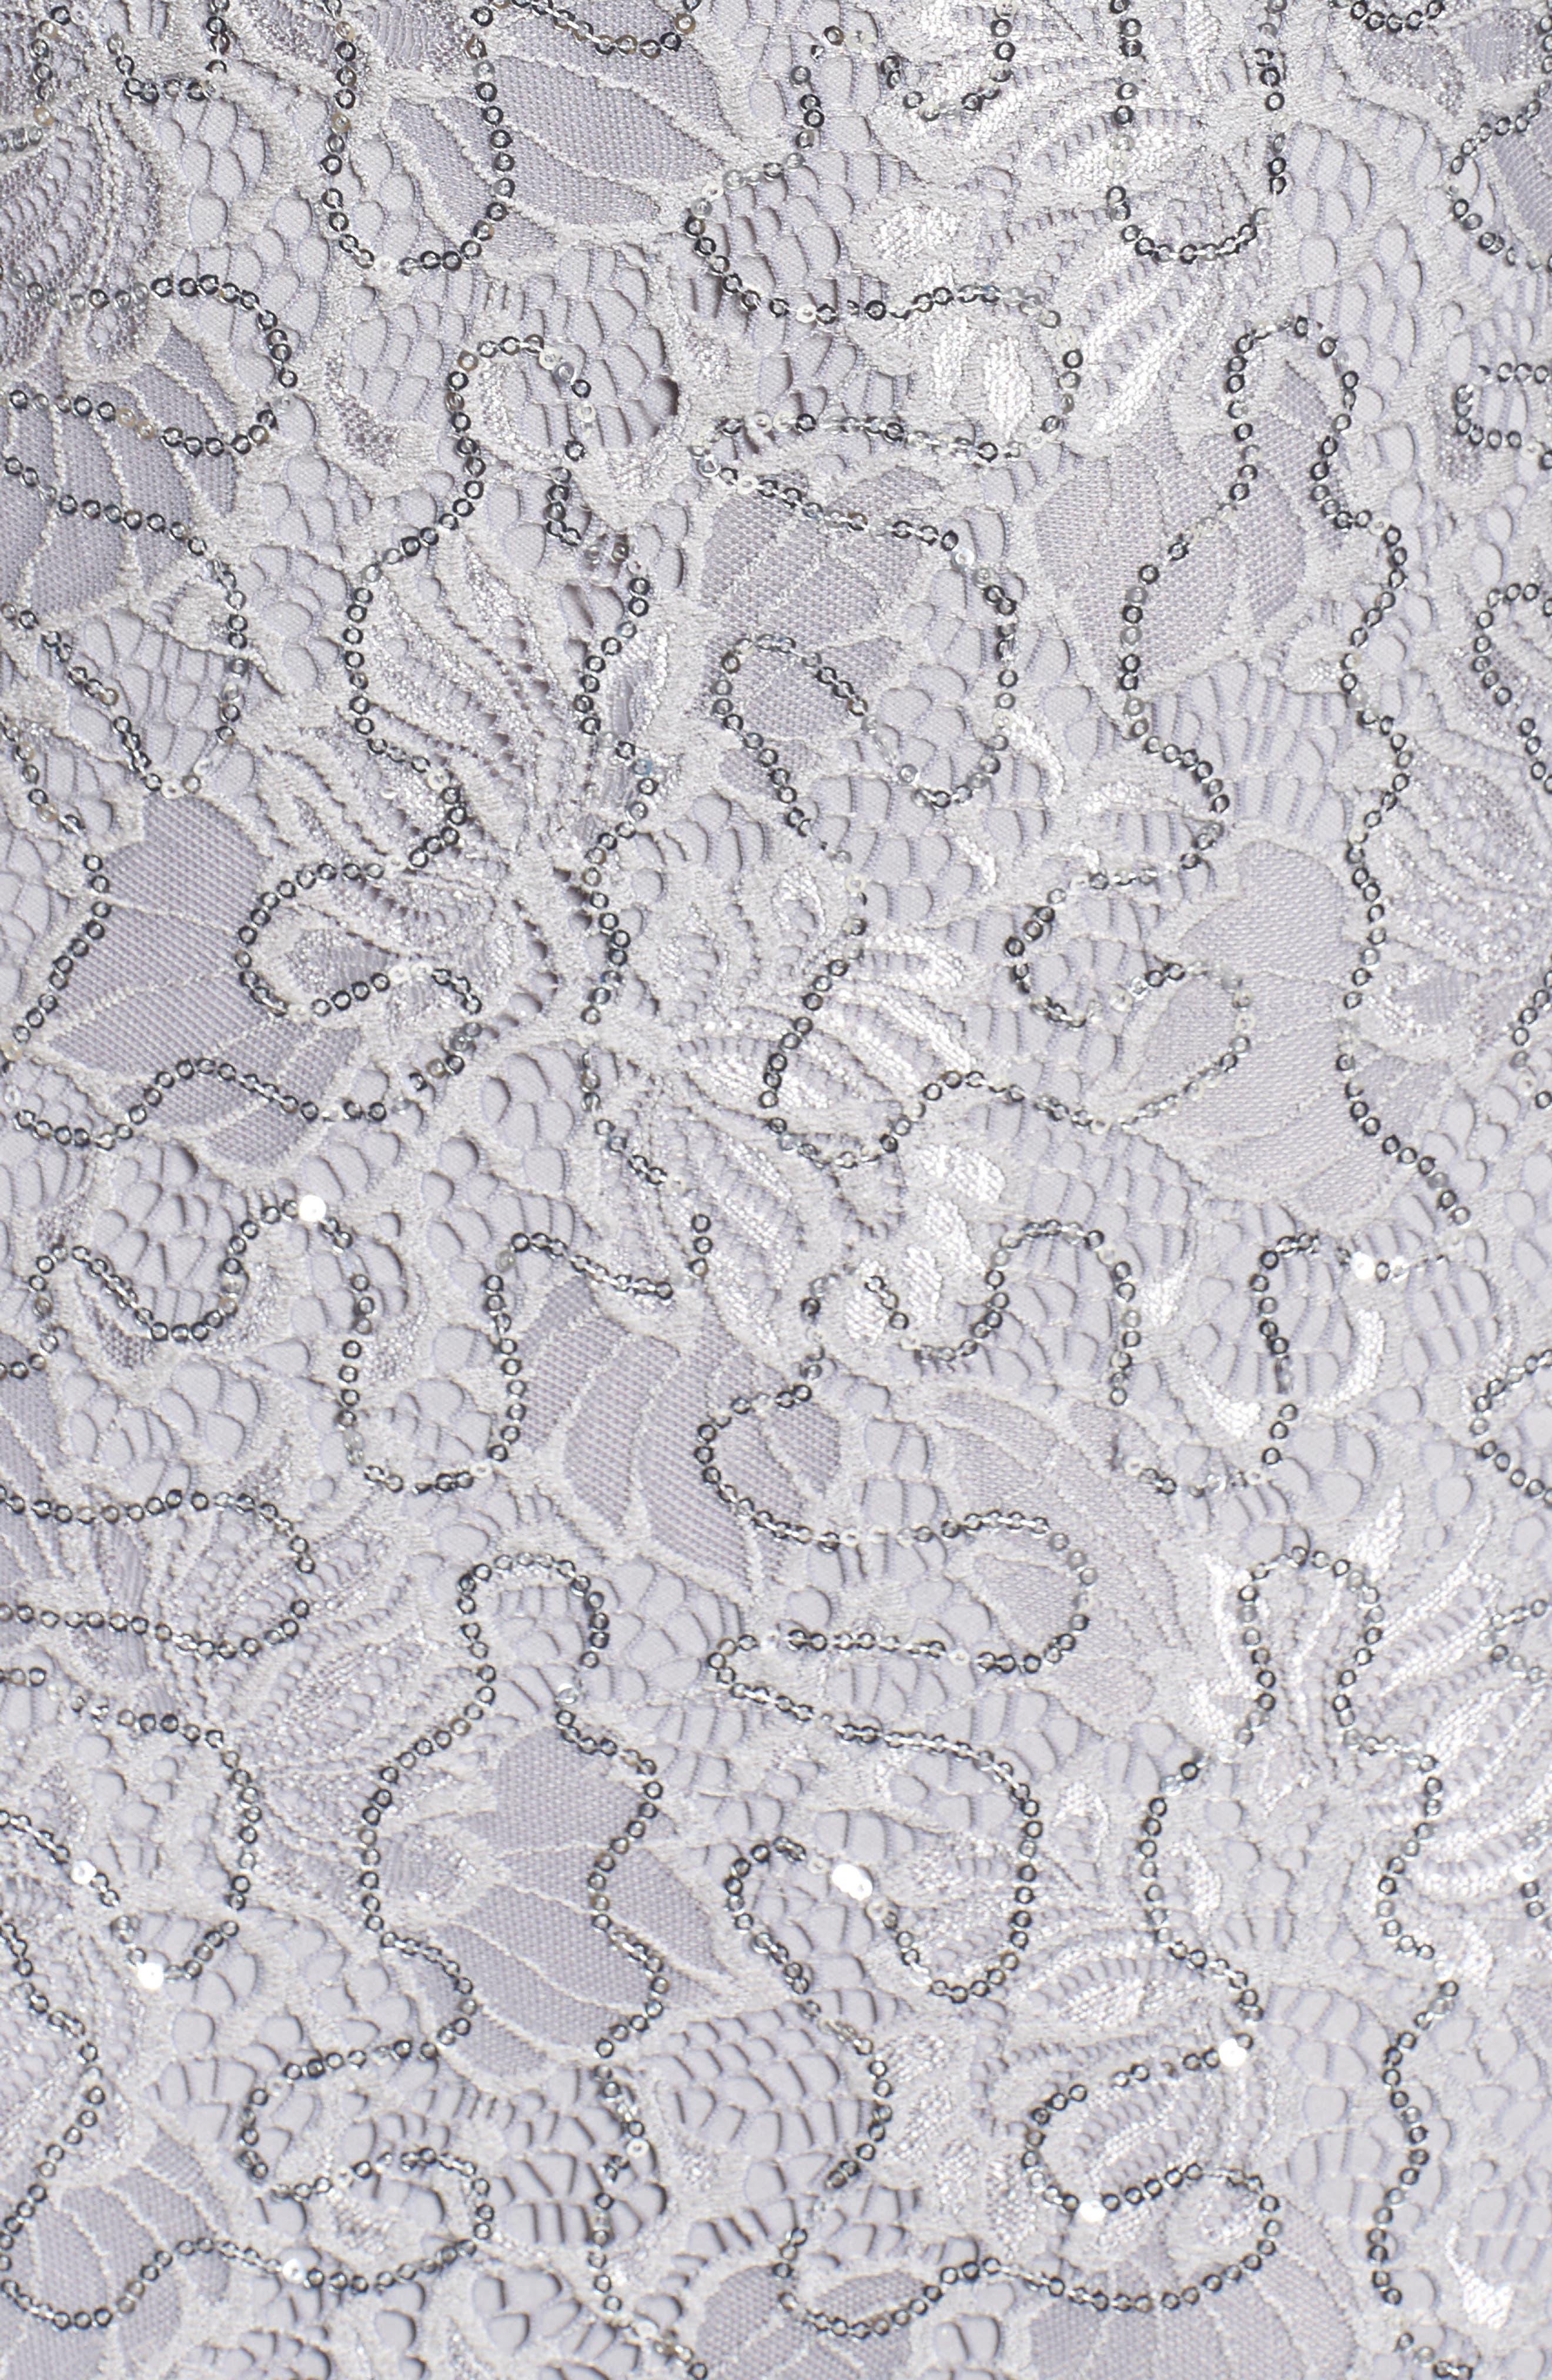 Sequin Lace Cold Shoulder Long Dress,                             Alternate thumbnail 14, color,